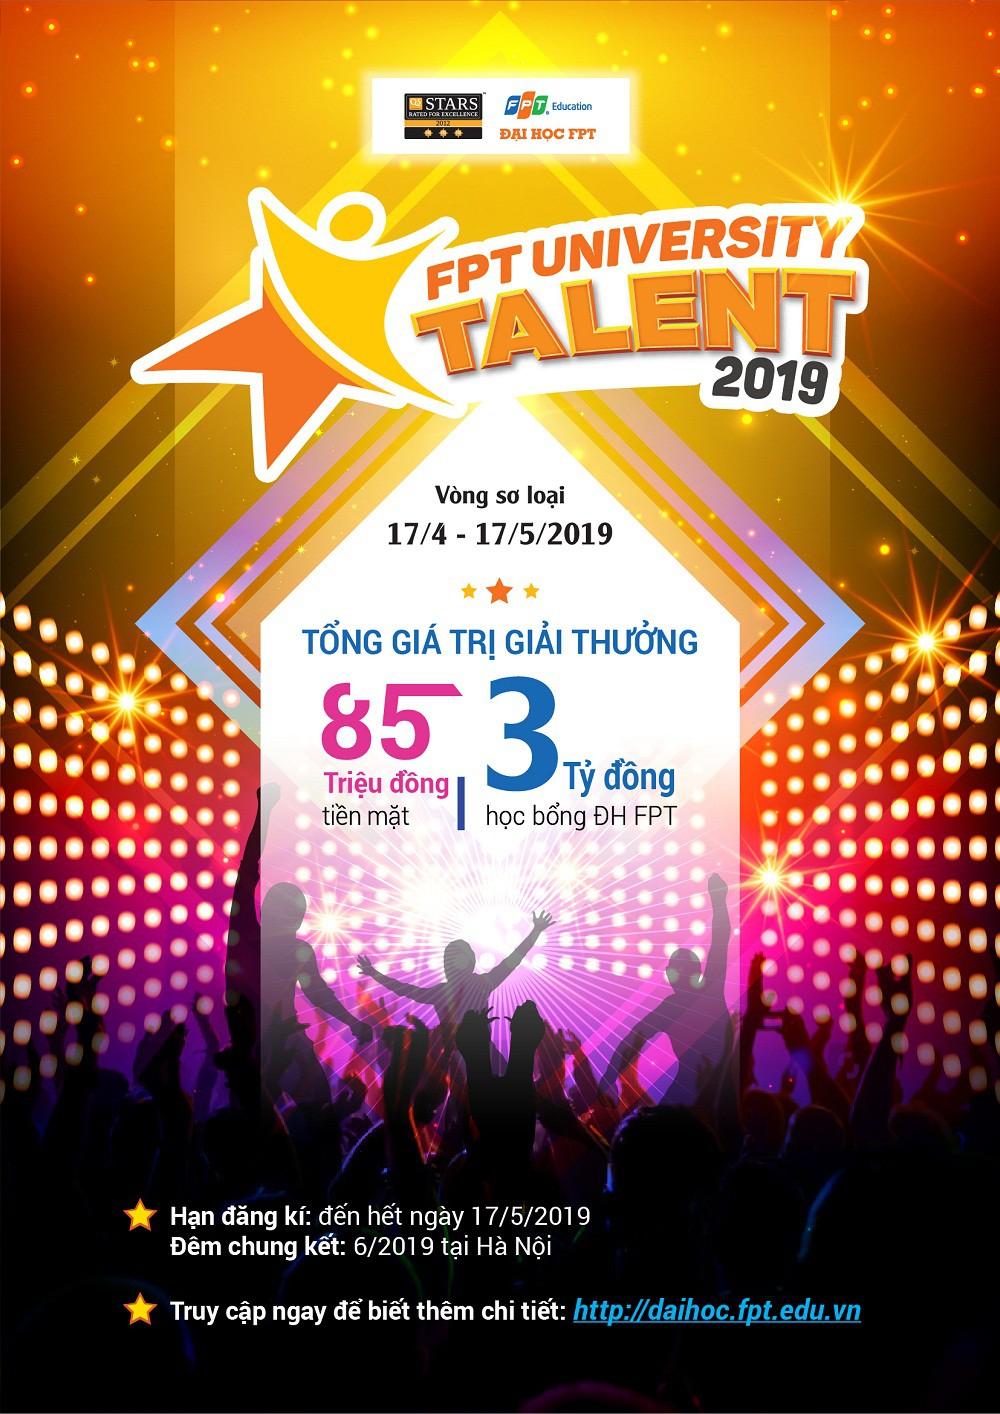 Đại học FPT tung quỹ học bổng hơn 3 tỉ đồng chiêu mộ học sinh tài năng - Ảnh 3.